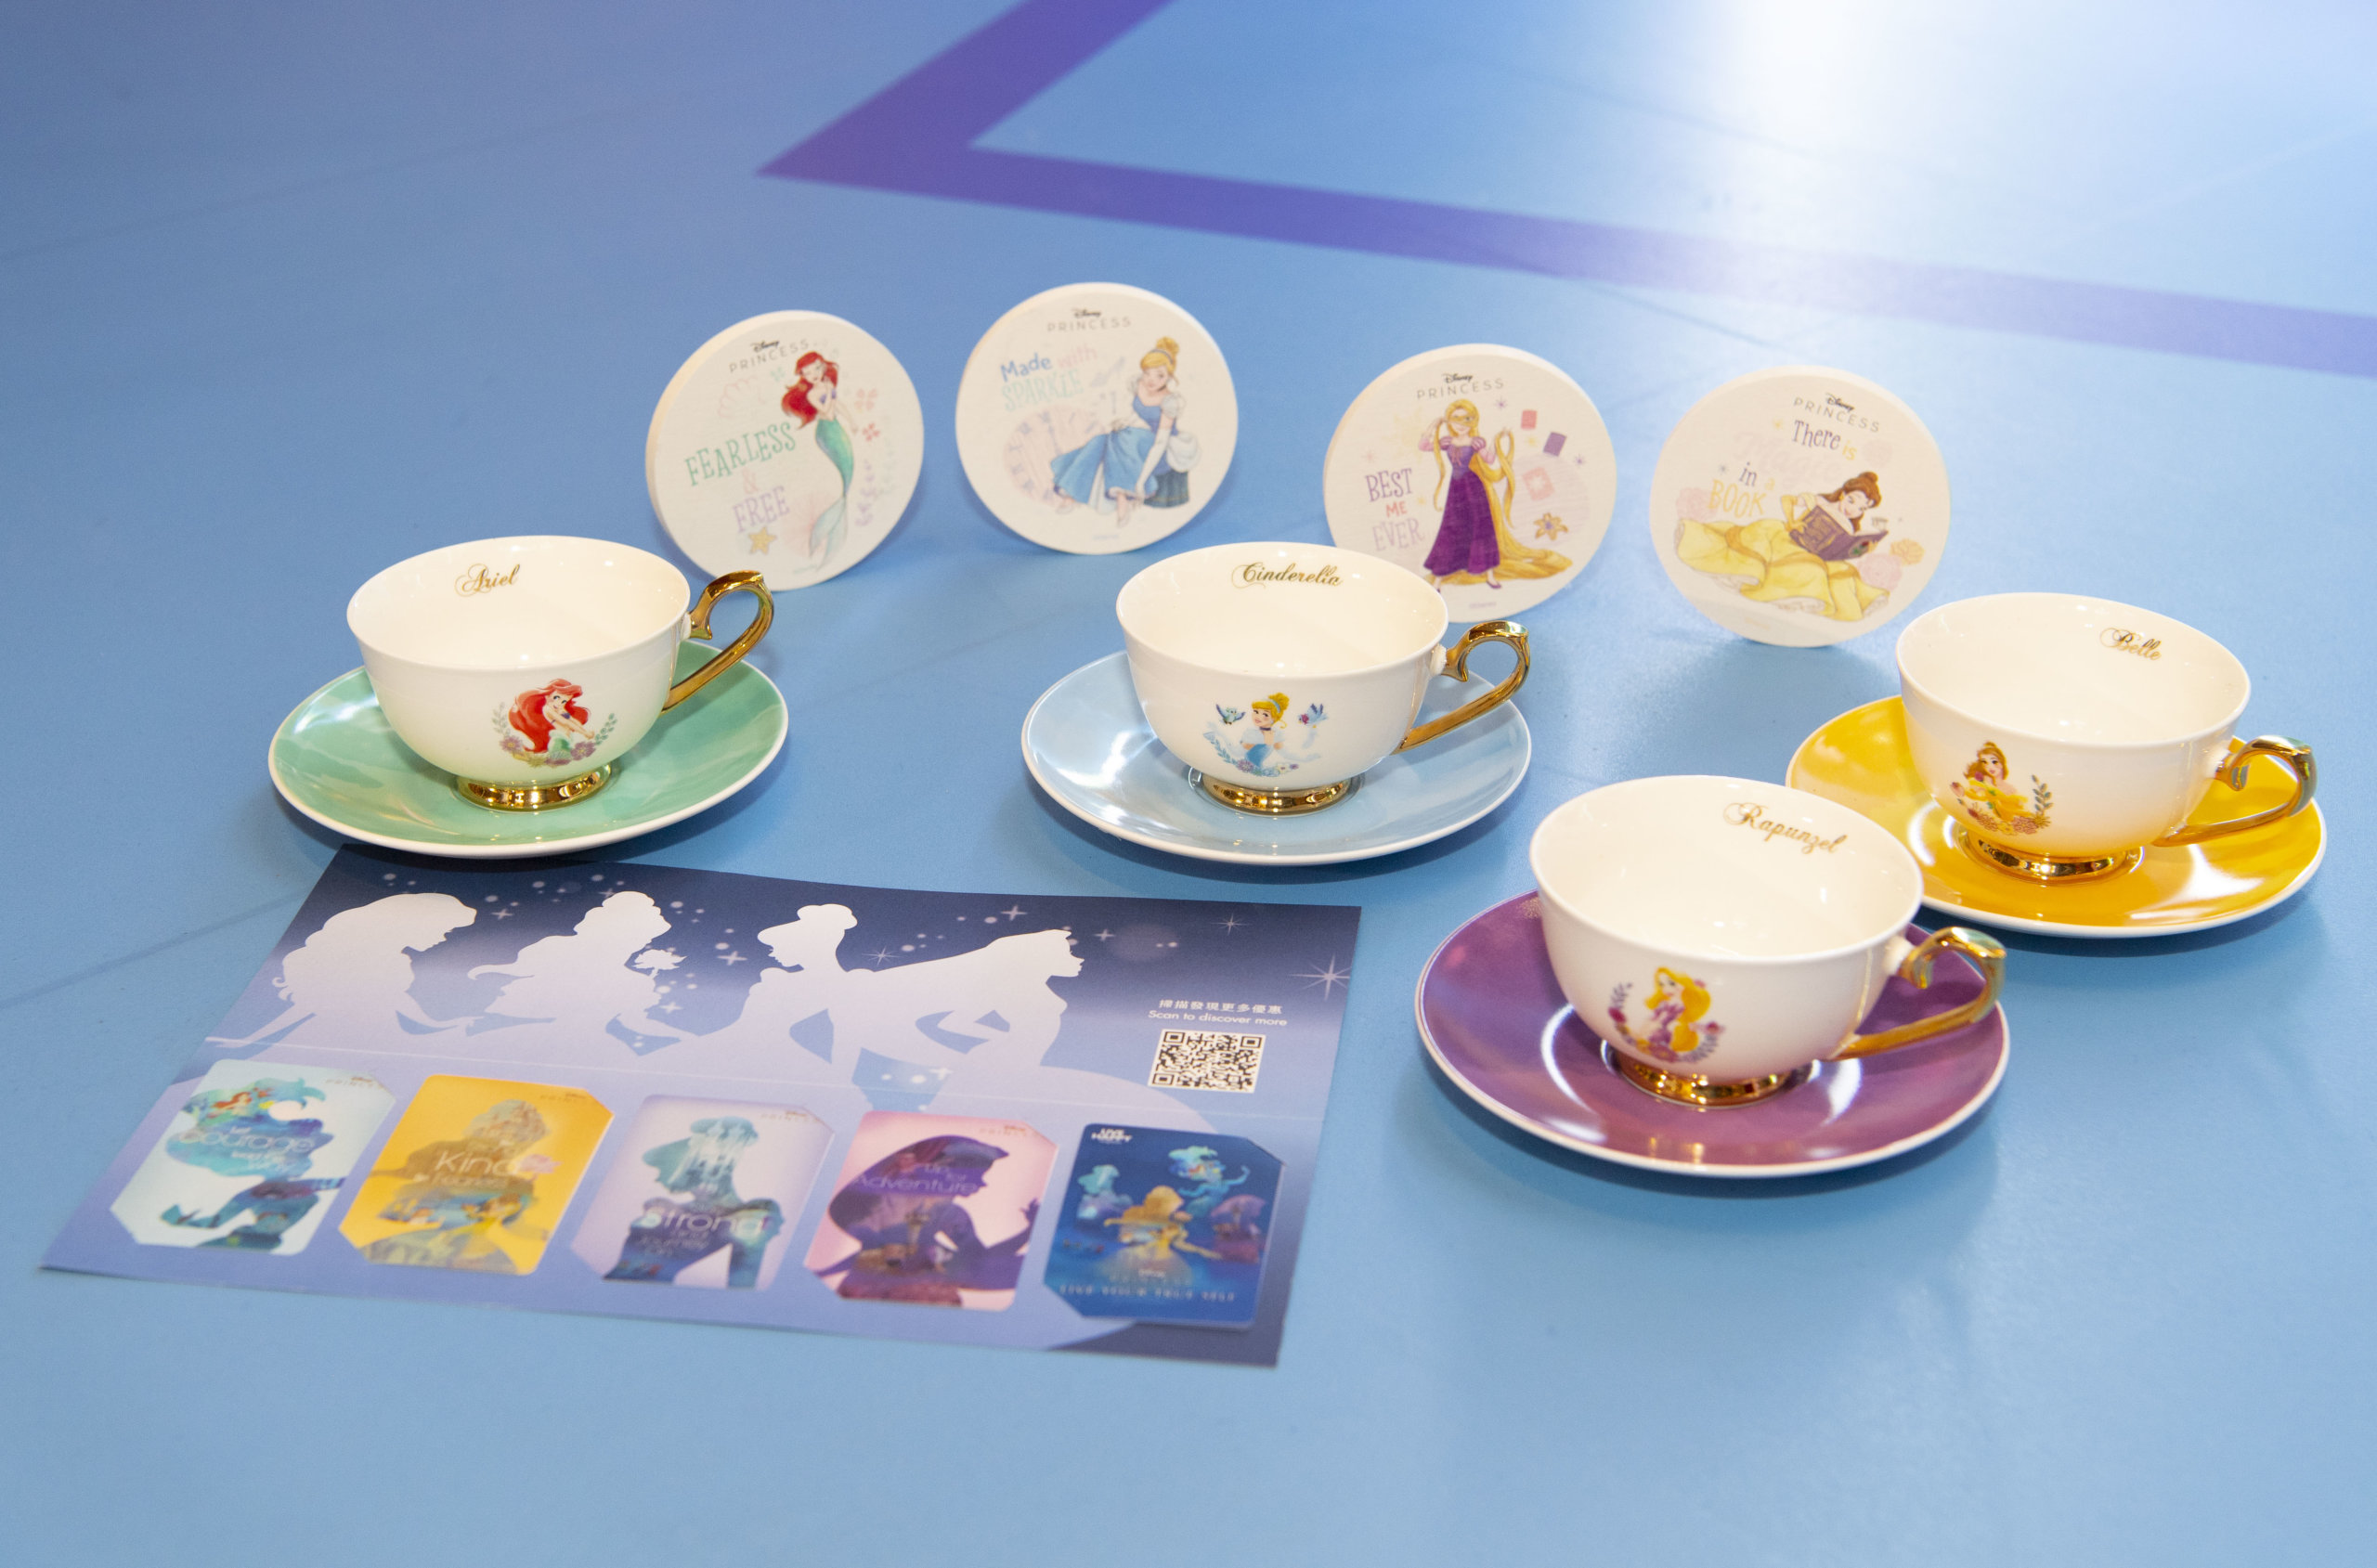 活動期間,可換領一系列的獨家迪士尼公主禮品、商戶禮券及特別版迪士尼公主珍藏卡!